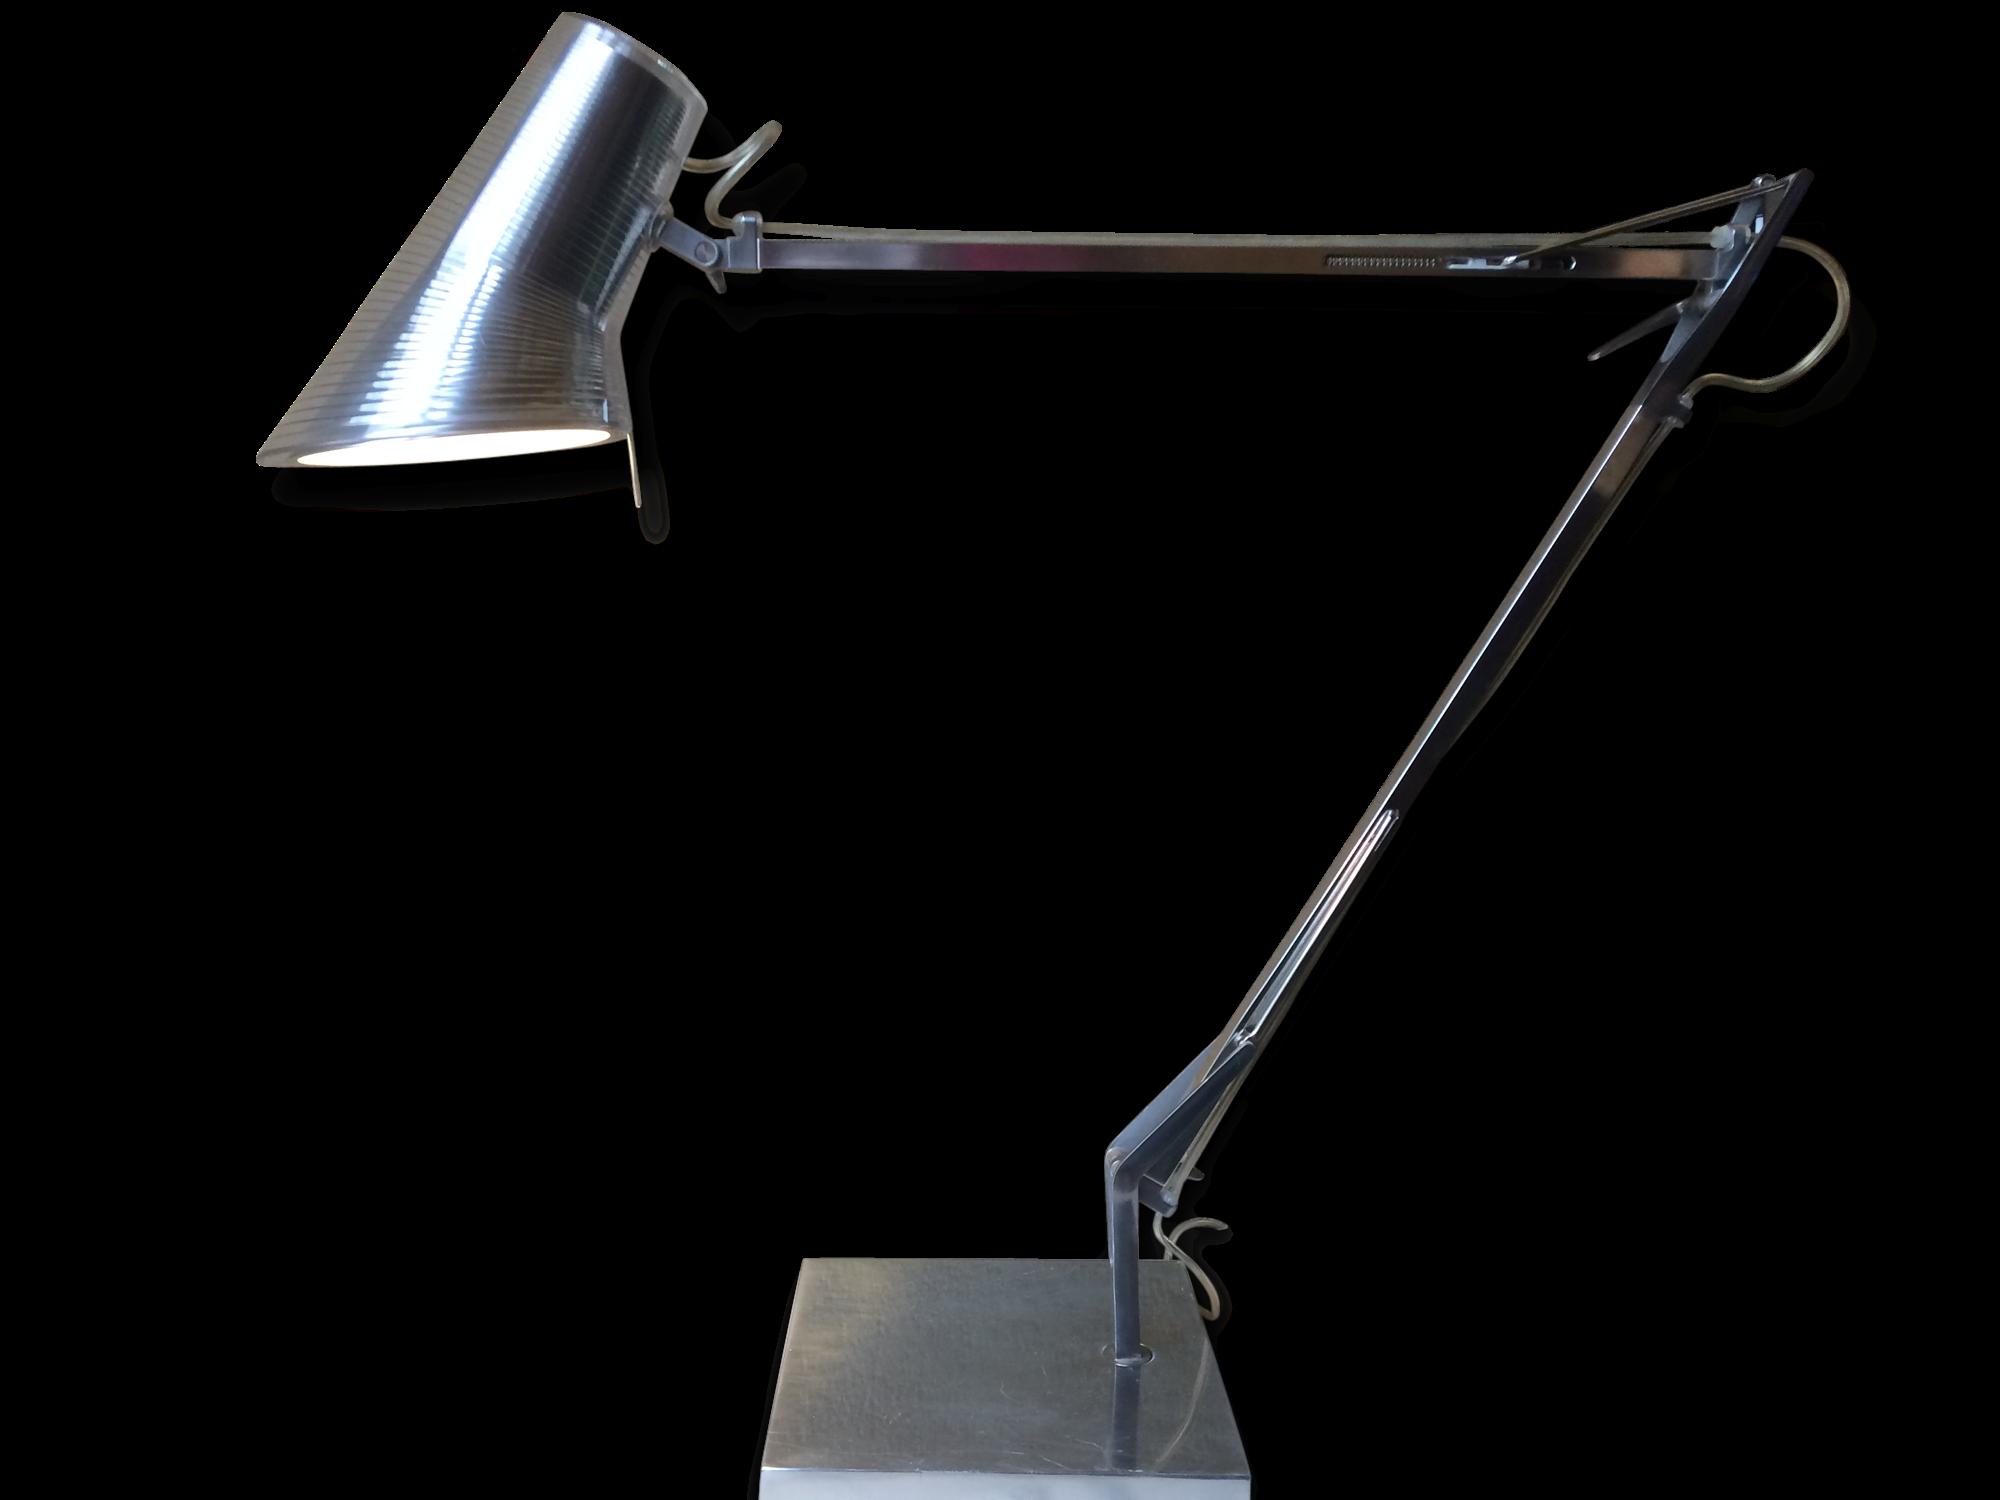 Lampe Flos Flos Globall W Wall Lamp With Lampe Flos Lamp Design